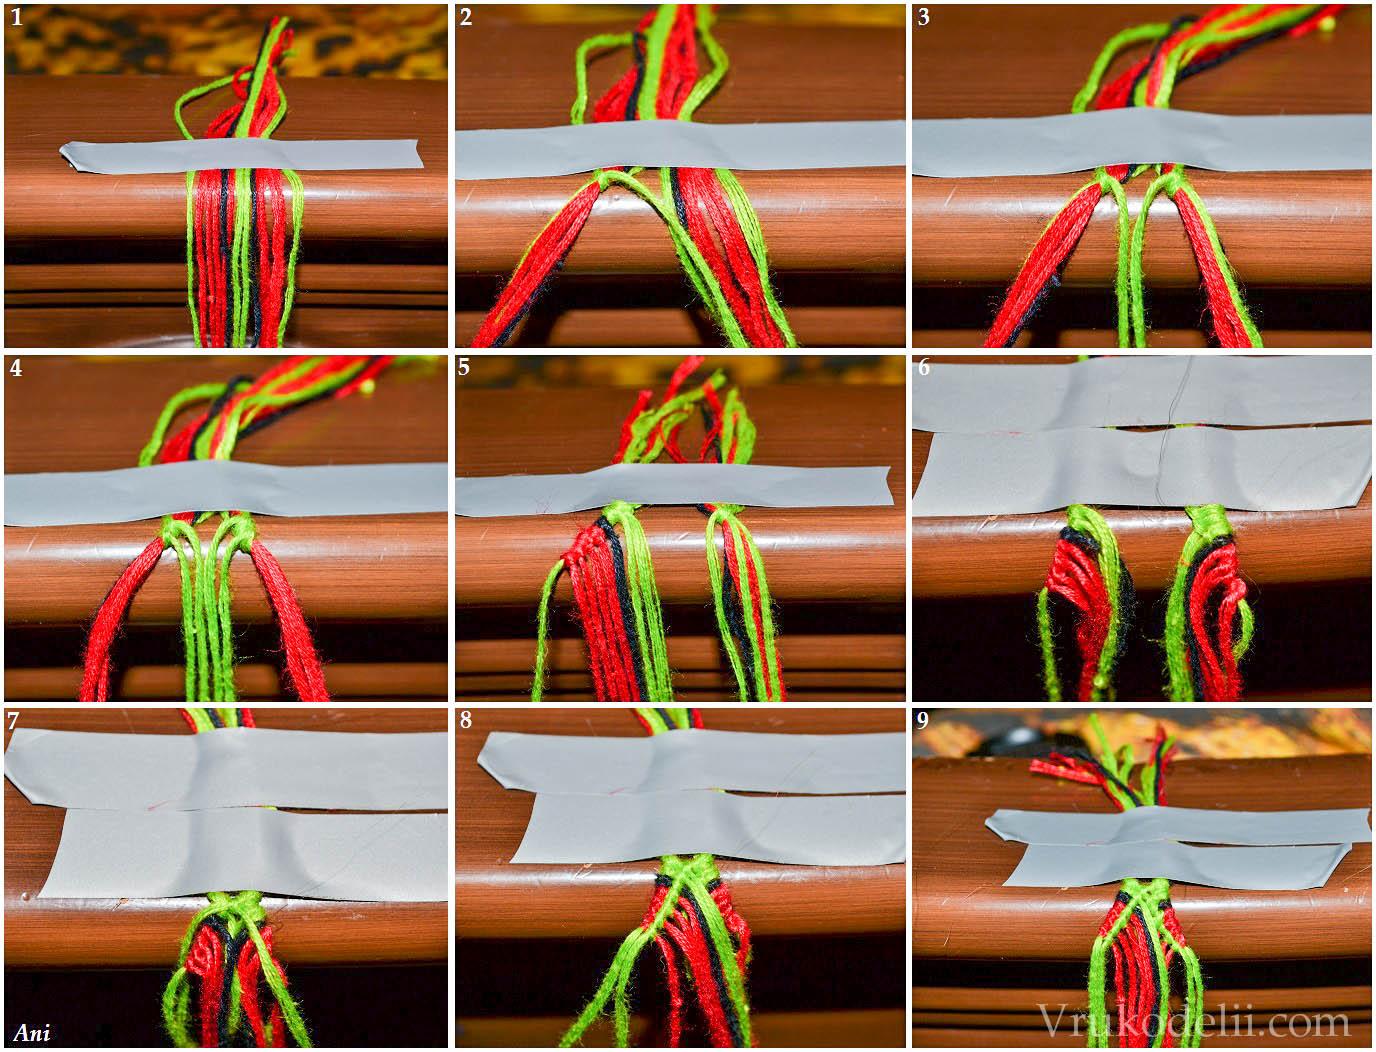 Фенечки из мулине схемы для начинающих из 4 ниток фото